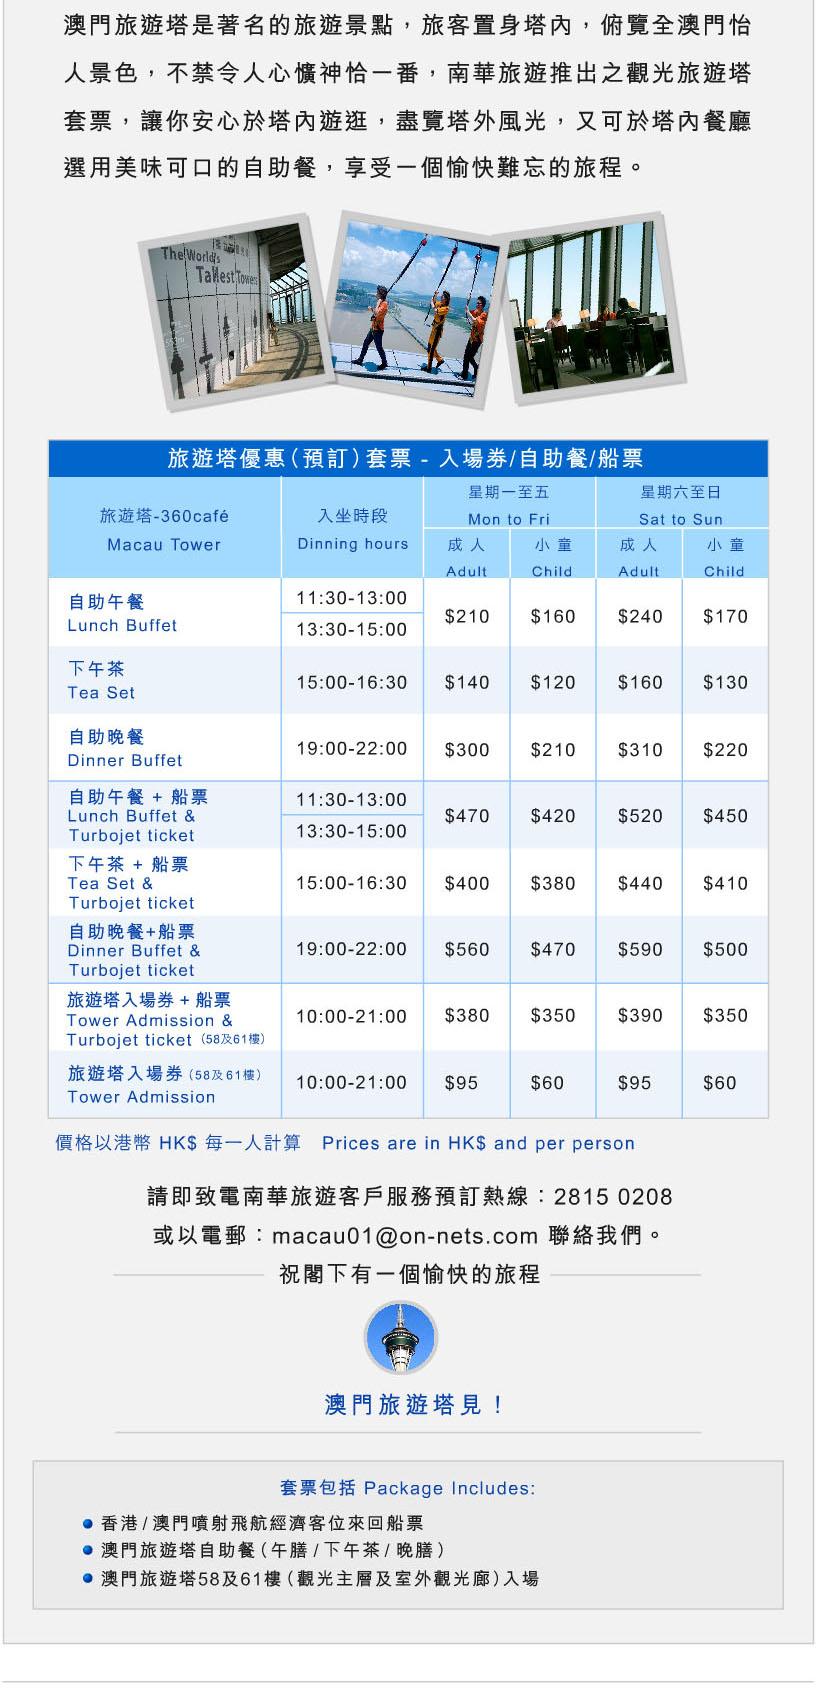 澳門旅遊觀光塔門票入場劵下午茶自助餐酒店船飛套票 macau tower tea buffet package